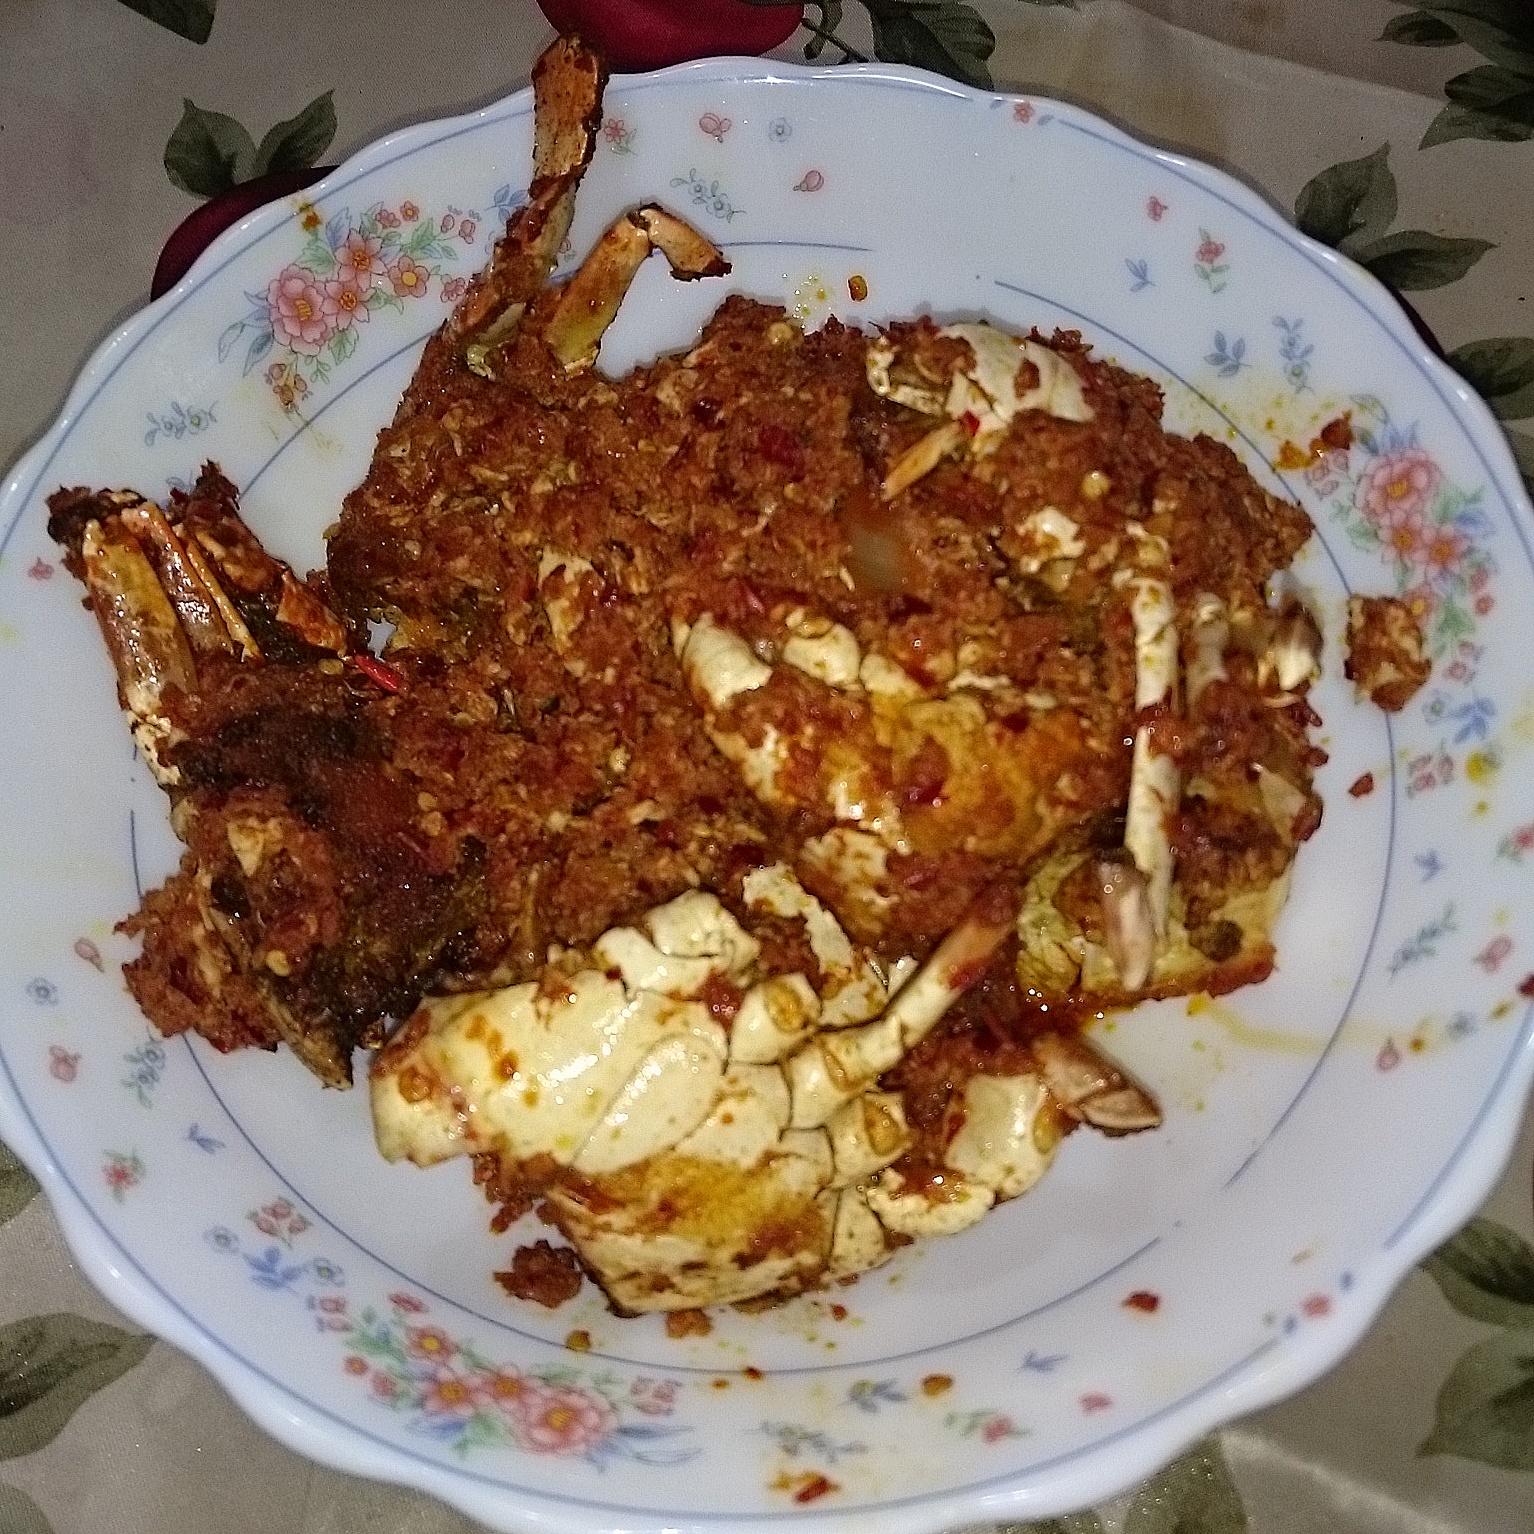 Resepi Ketam Bercili : Resepi sup ketam, resepi sup ayam, resepi sup telur, resepi sup ayam